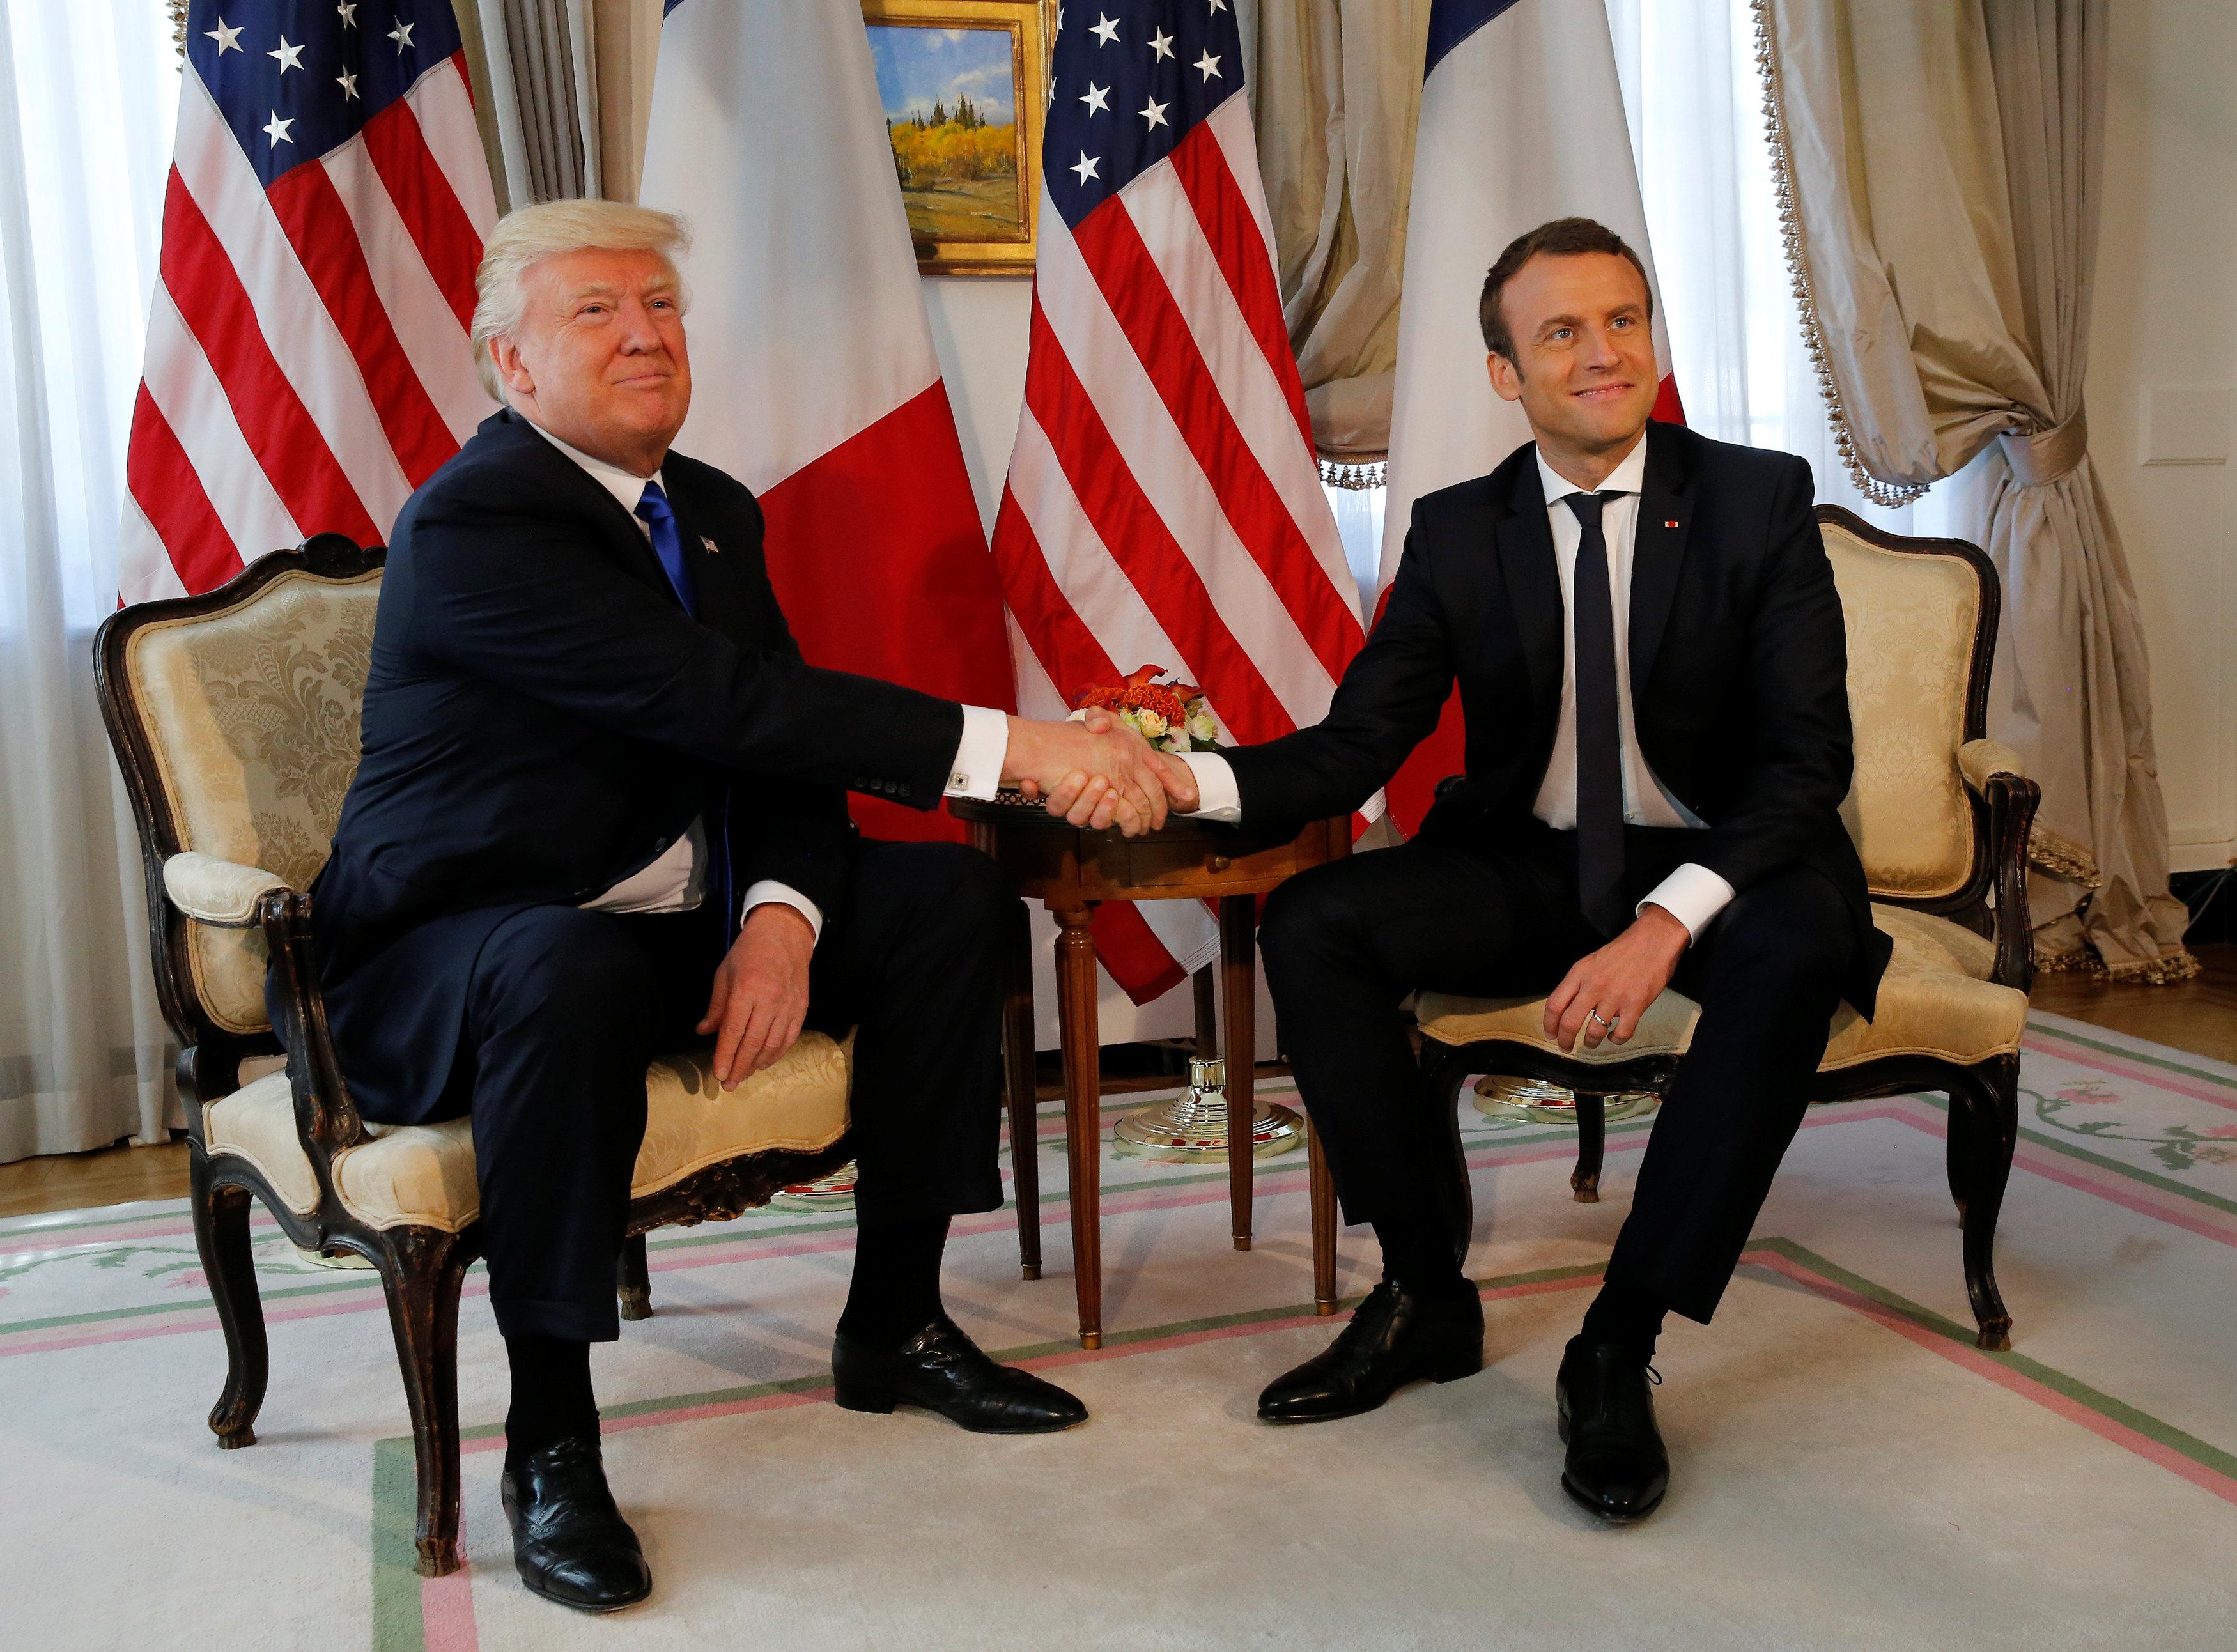 ماكرون يلتقي «صديقه» ترامب وسط خلافات عميقة في وجهات النظر